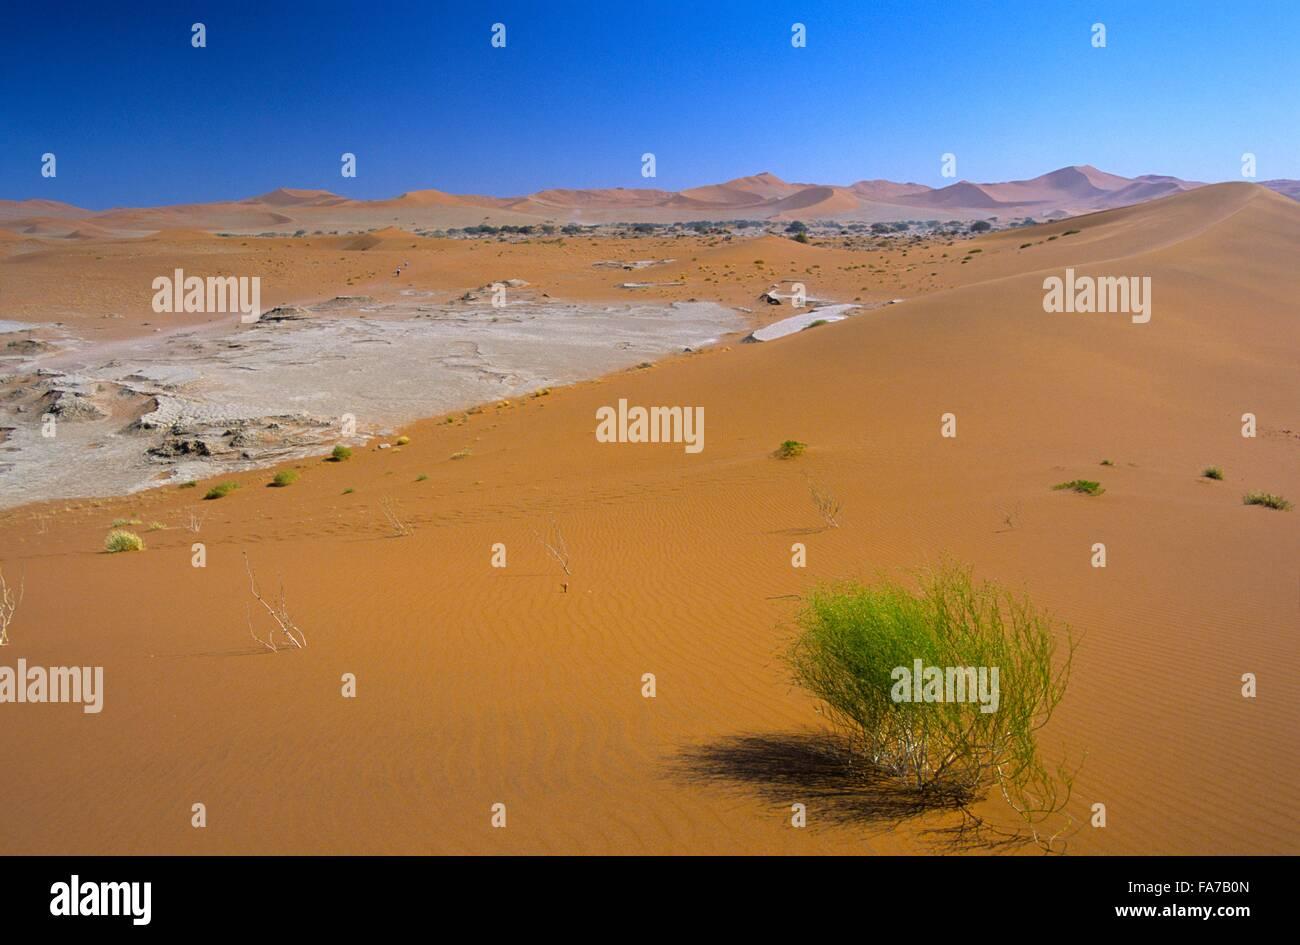 Namibia, Namib-Naukluft National park, Sossusvlei // Namibie, Namib-Naukluft National park, Sossusvlei - Stock Image